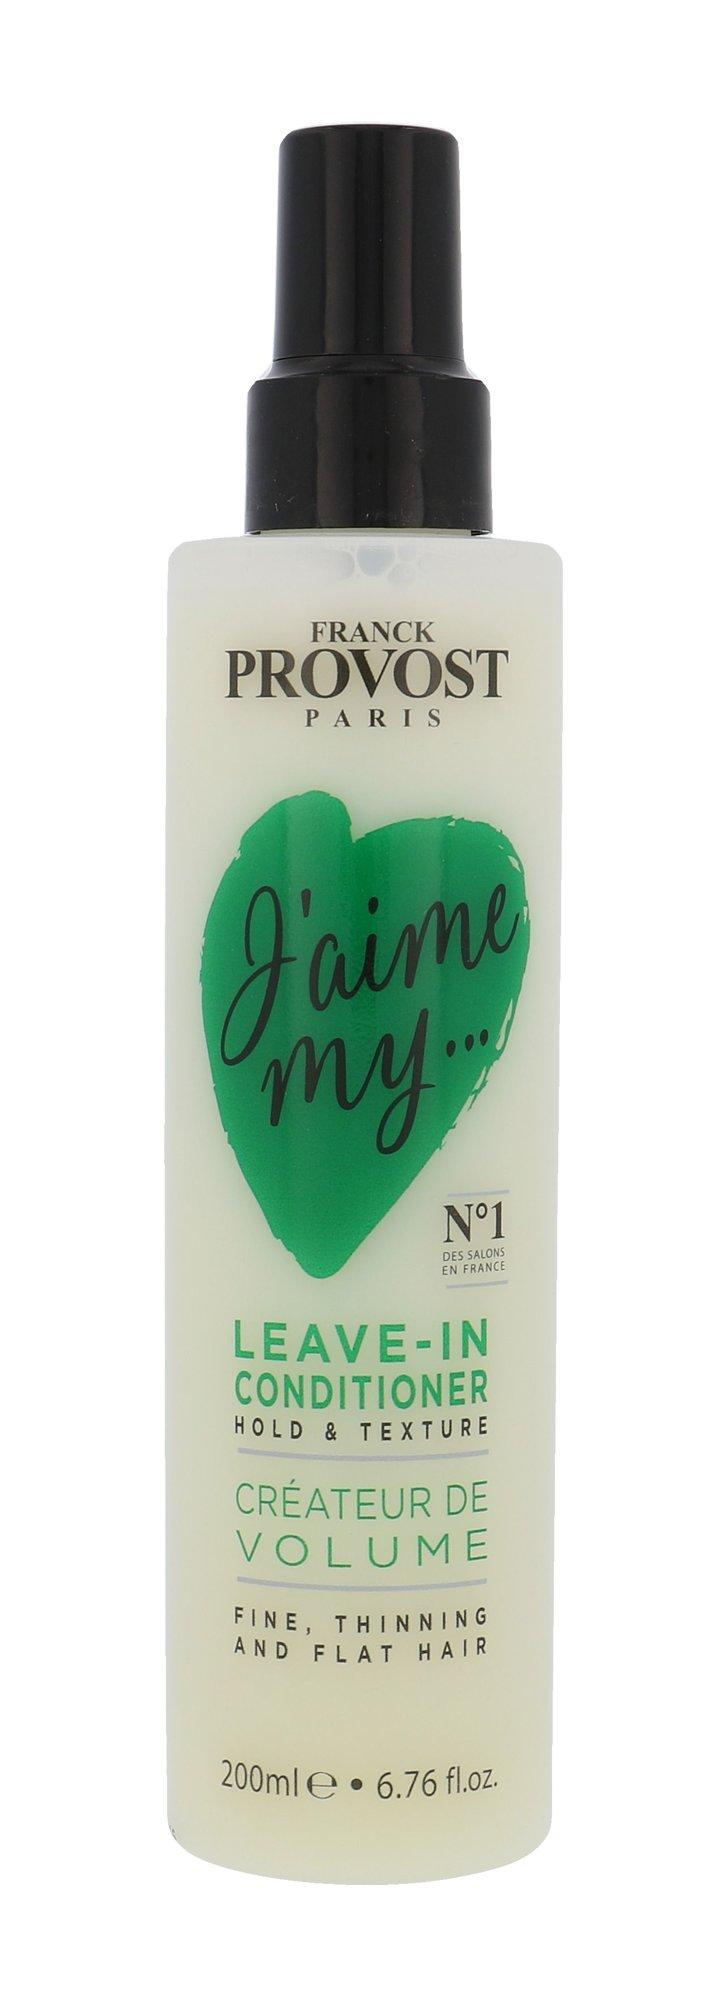 FRANCK PROVOST PARIS J´Aime My... Cosmetic 200ml  Créateur De Volume